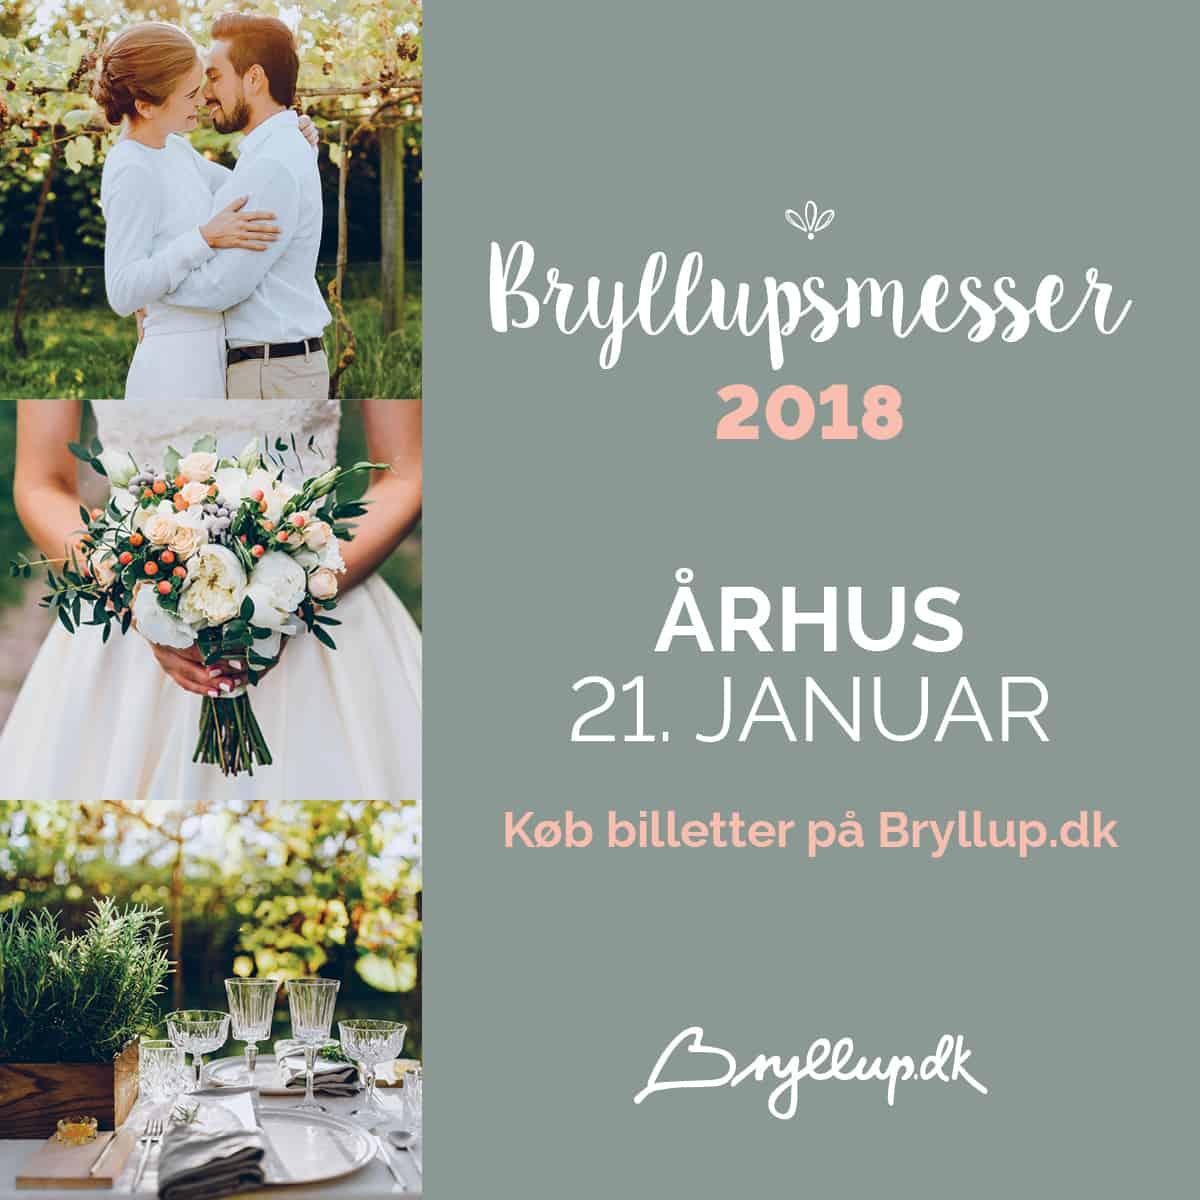 Bryllupsmesse i Aarhus den 21. januar og i Vejle den 4. februar 2018